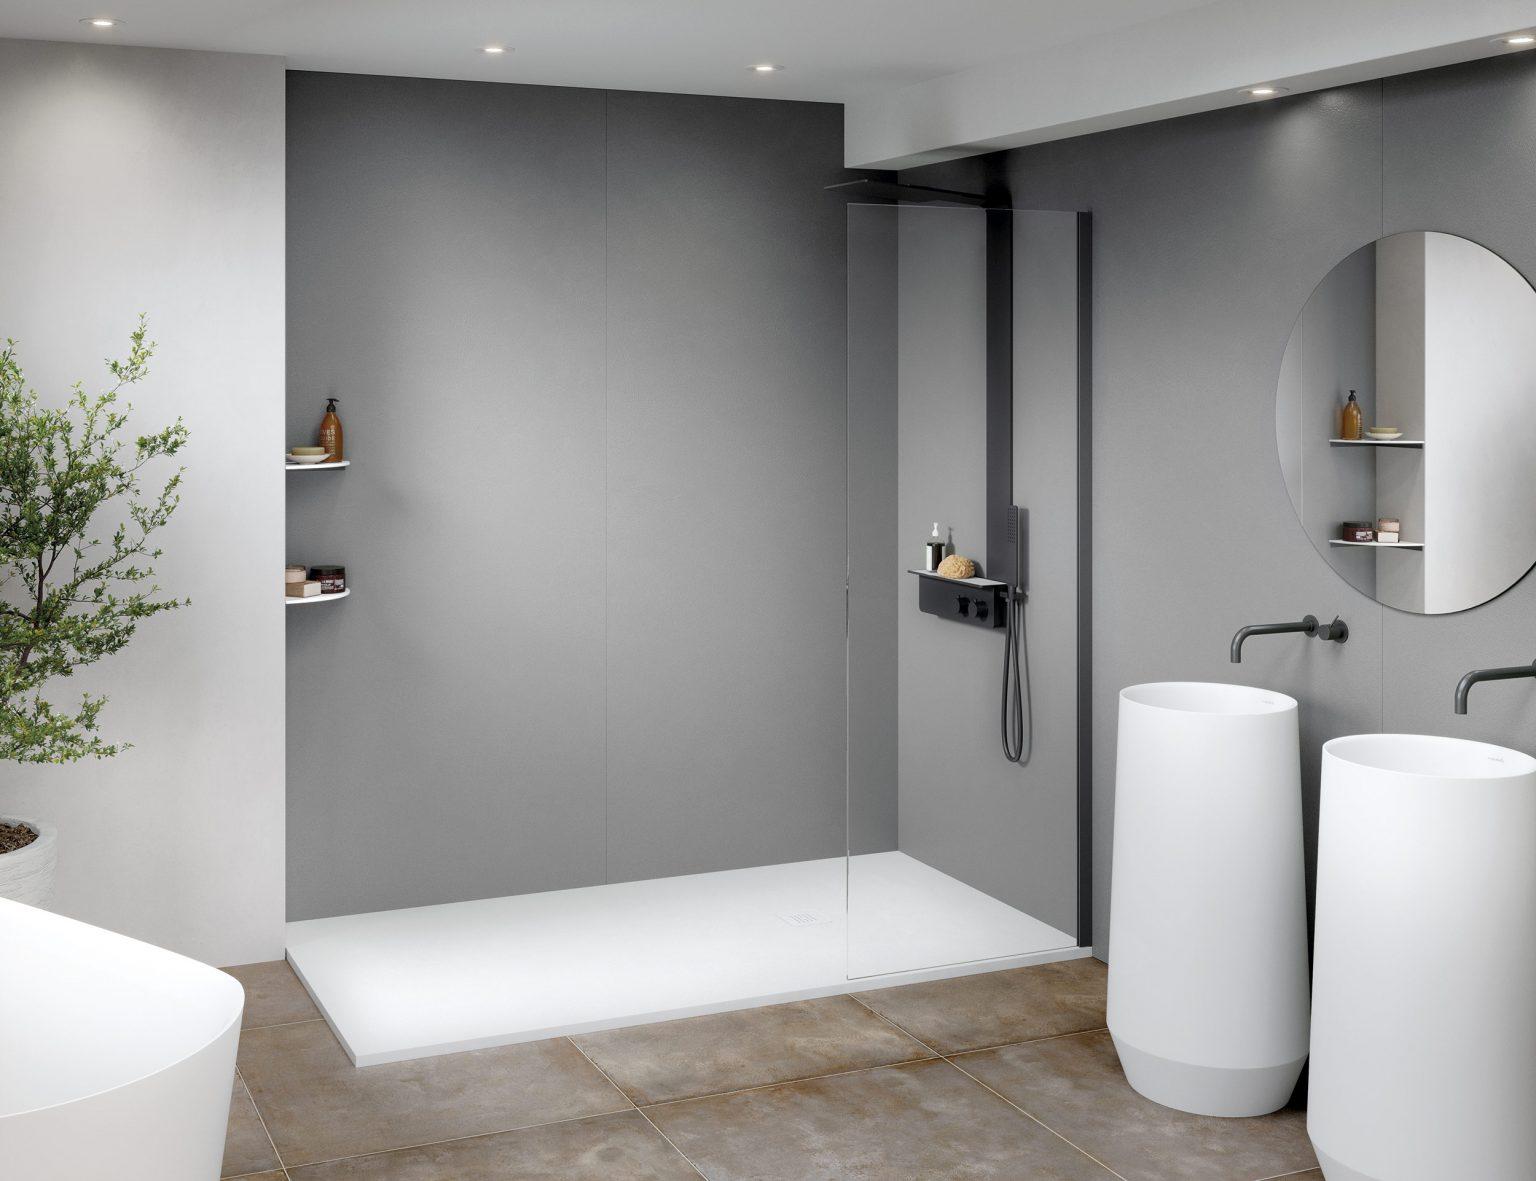 Ideas para revestir las paredes del cuarto de baño ...